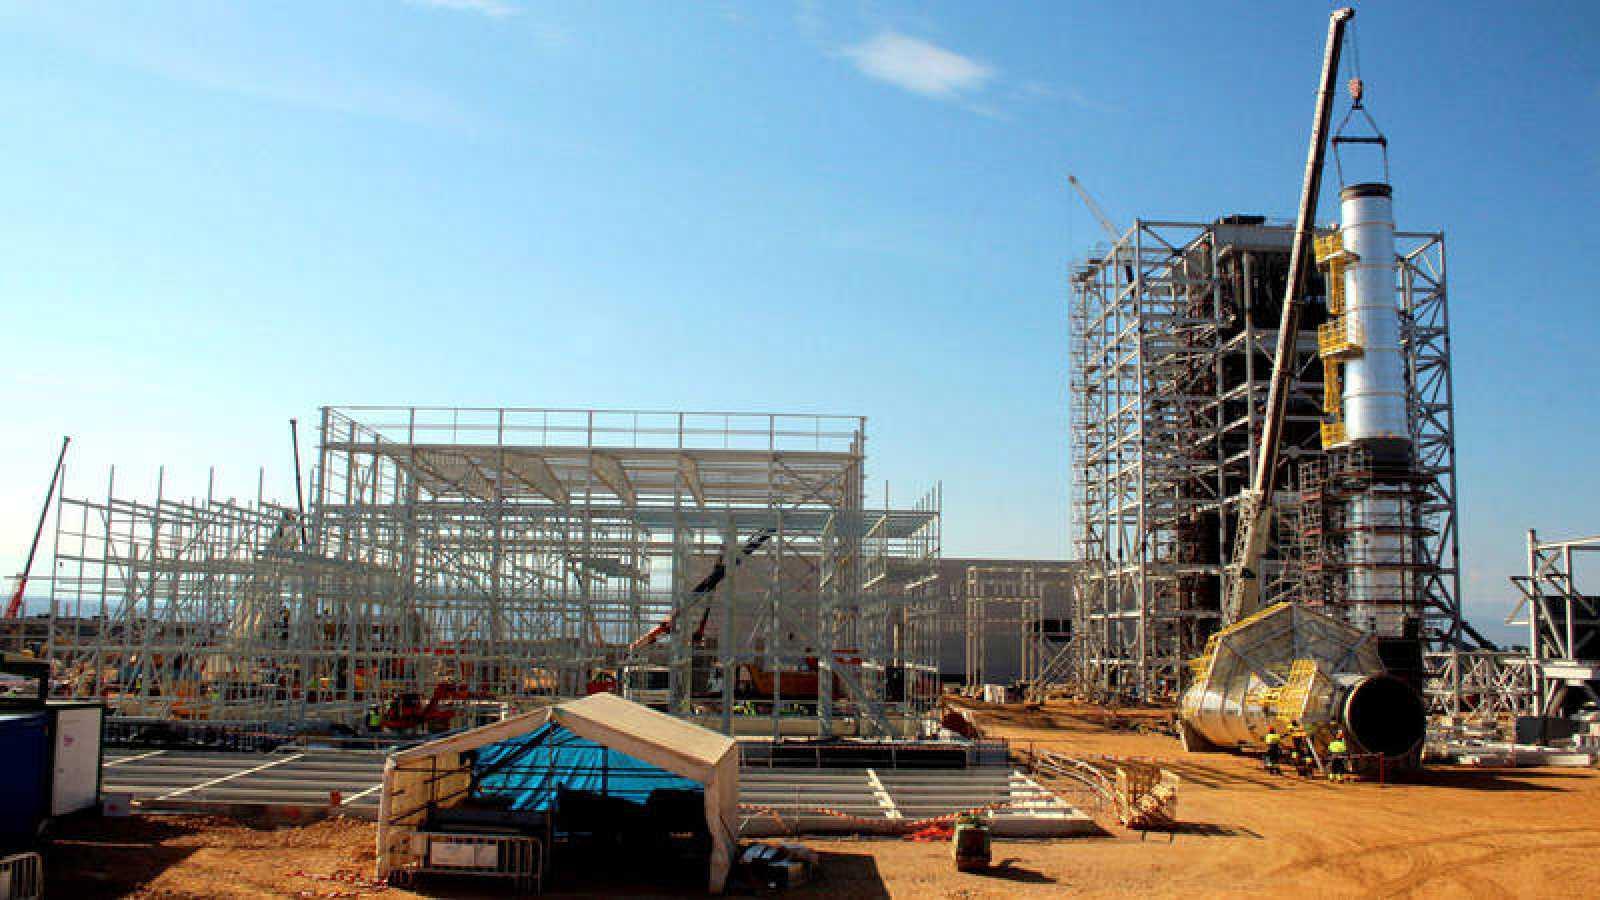 Construcción de una planta eléctrica de biomasa